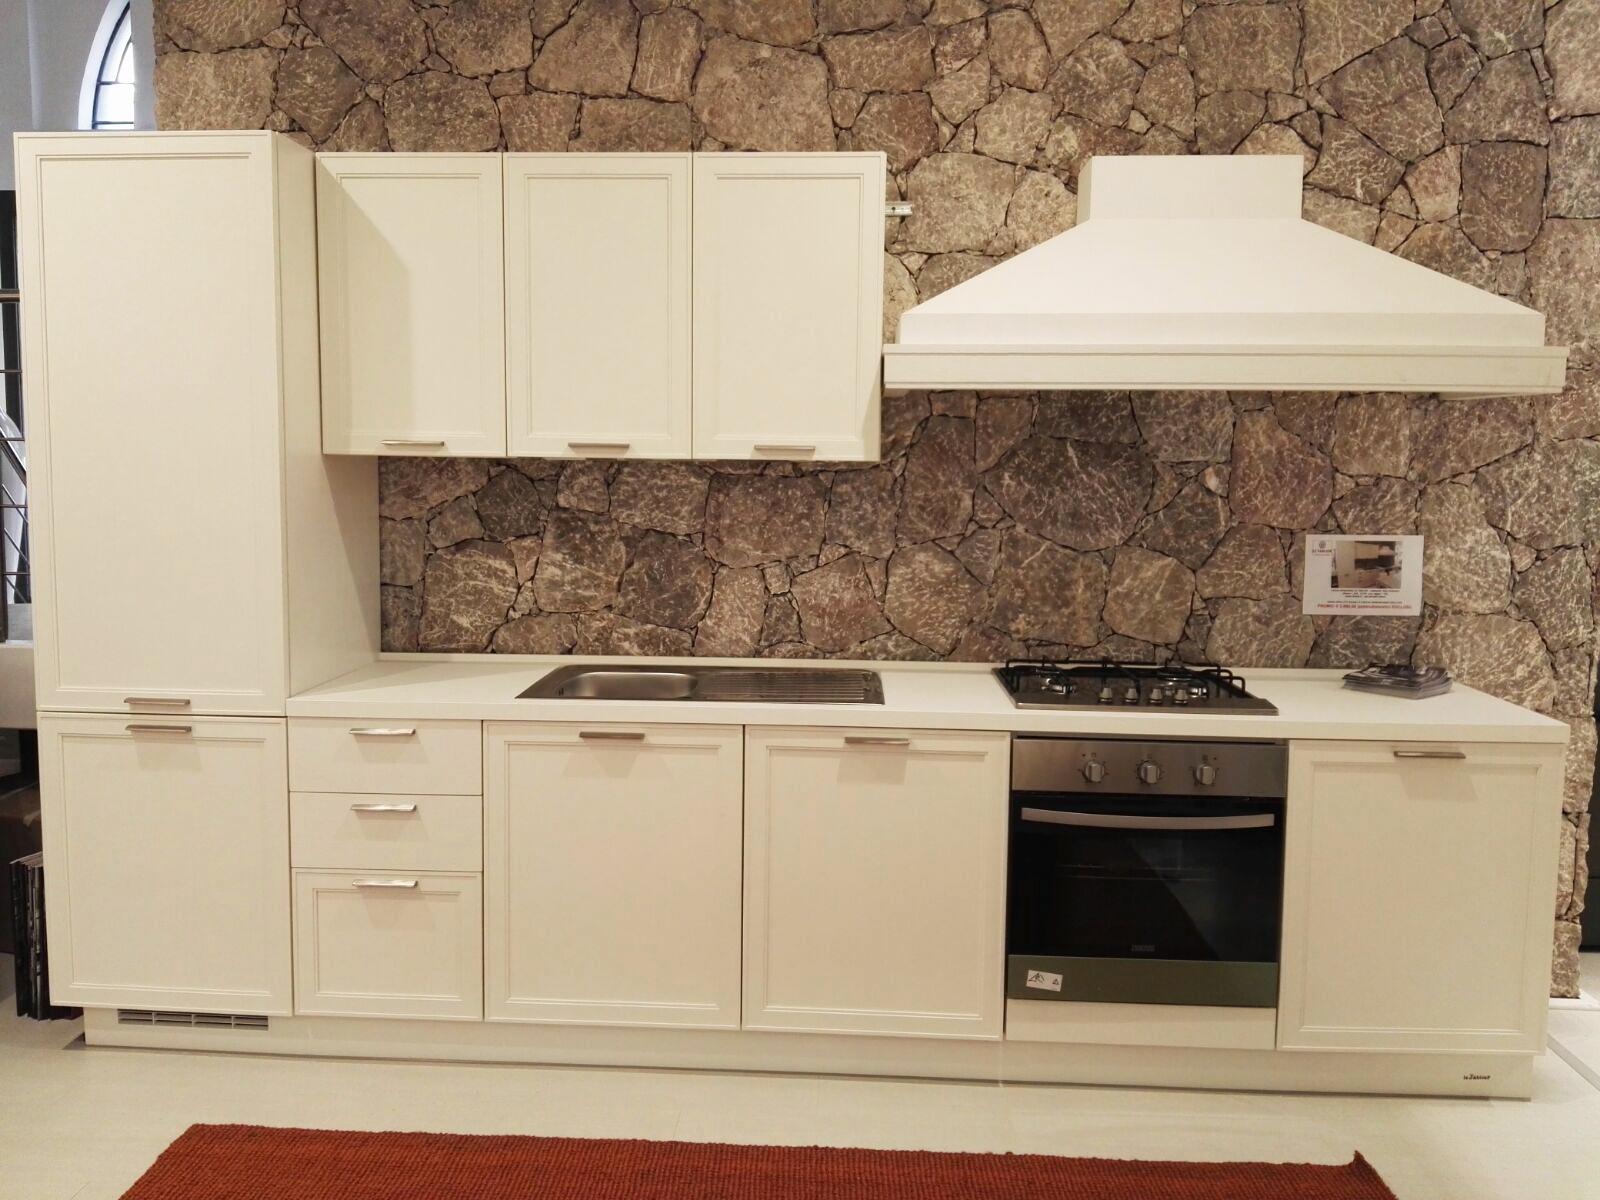 Cucina le fablier melograno moderna legno cucine a - Le fablier cucine prezzi ...